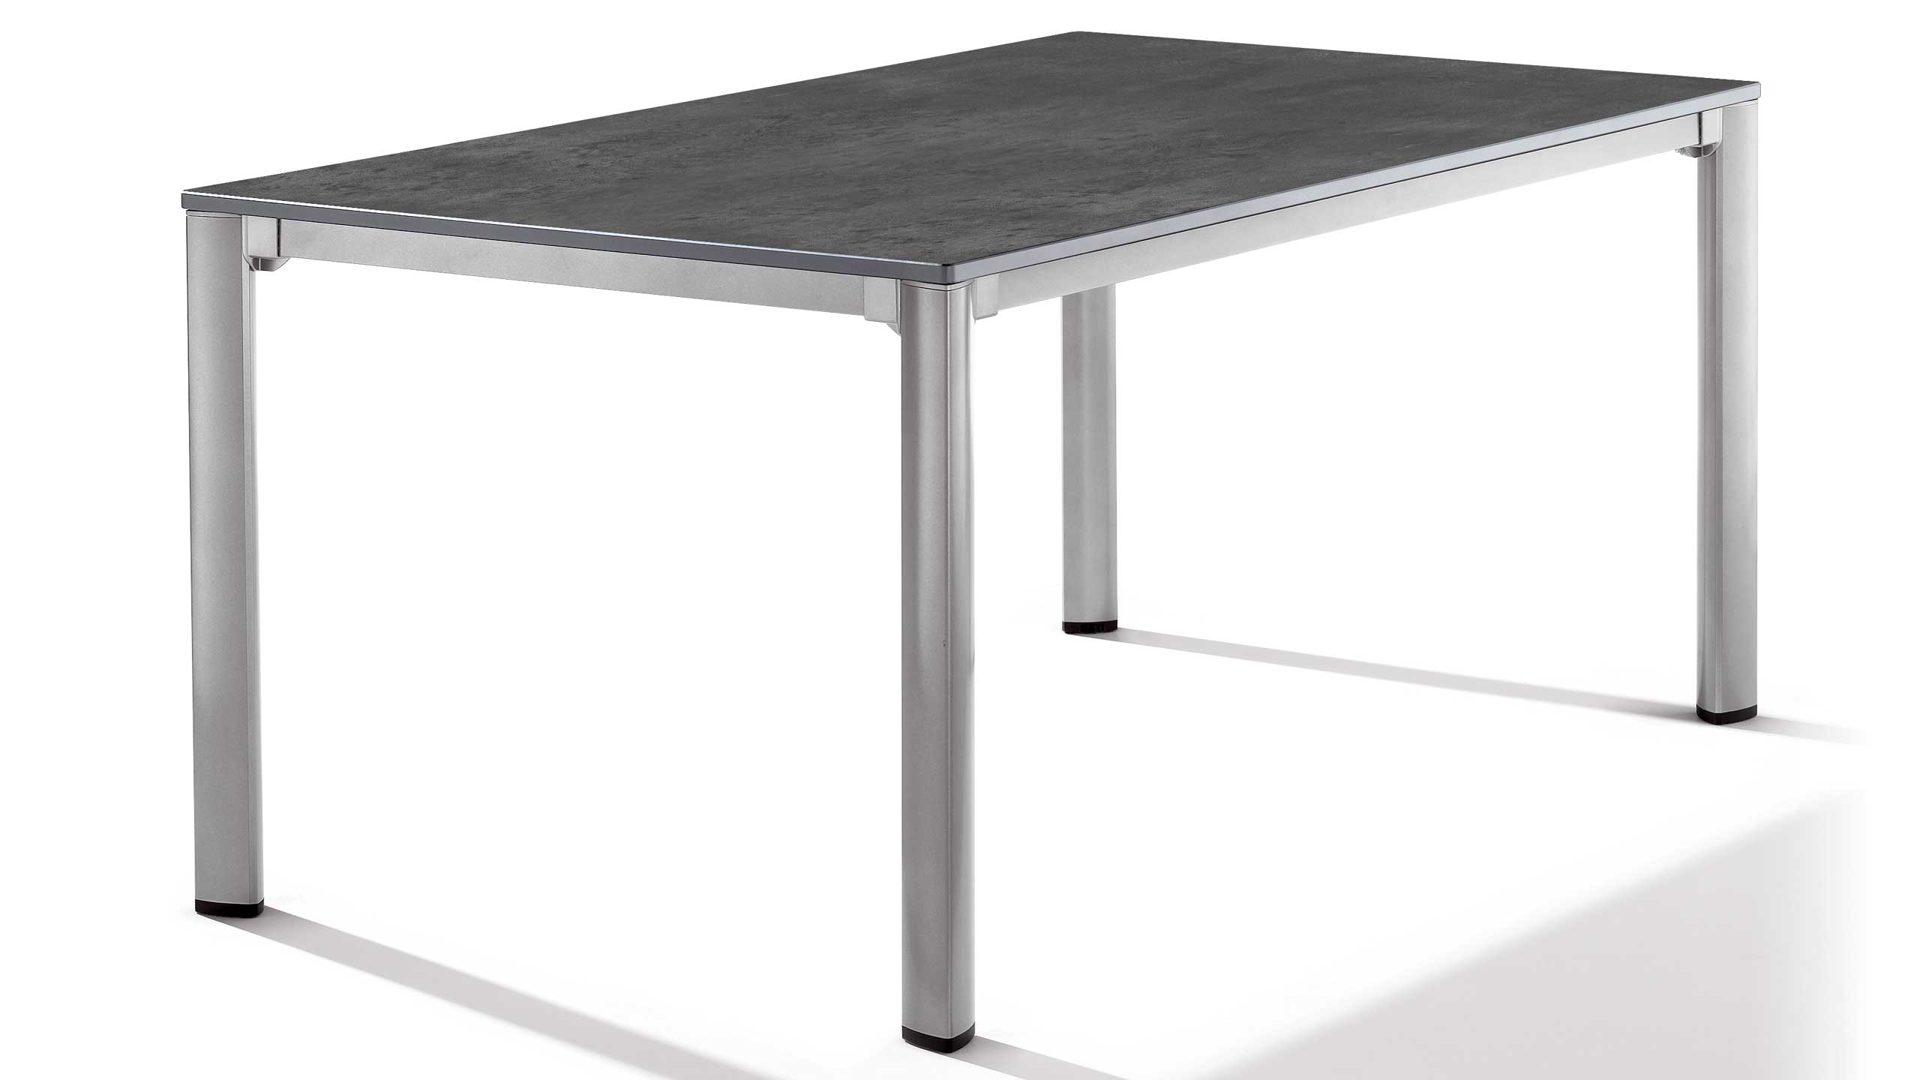 Sieger Exclusiv Puroplan Loft Tisch Gartentisch 1780 51, Gestell